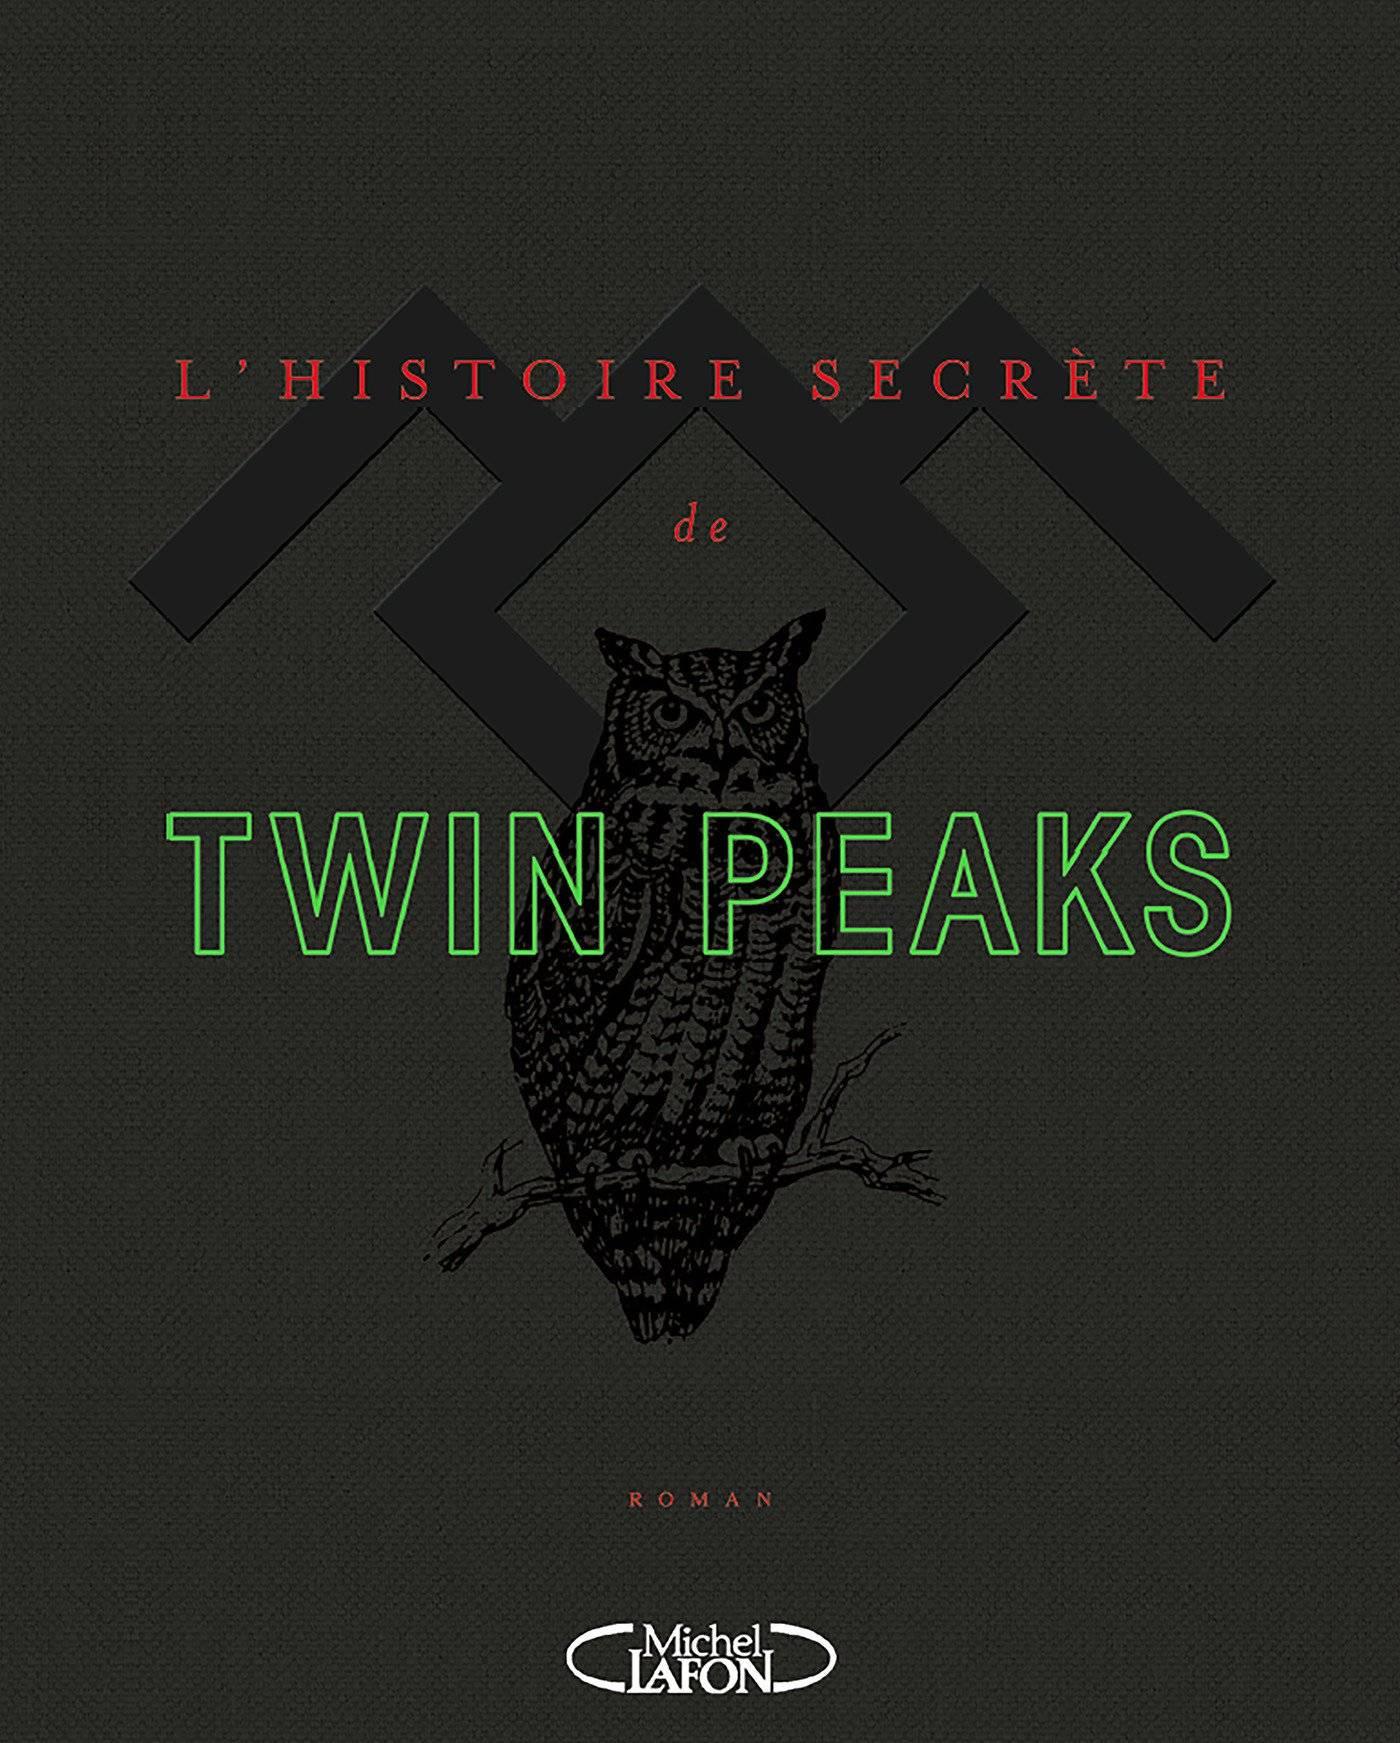 lhistoire-secrete-de-twin-peaks-un-livre-indispensable-pour-une-serie-mythique